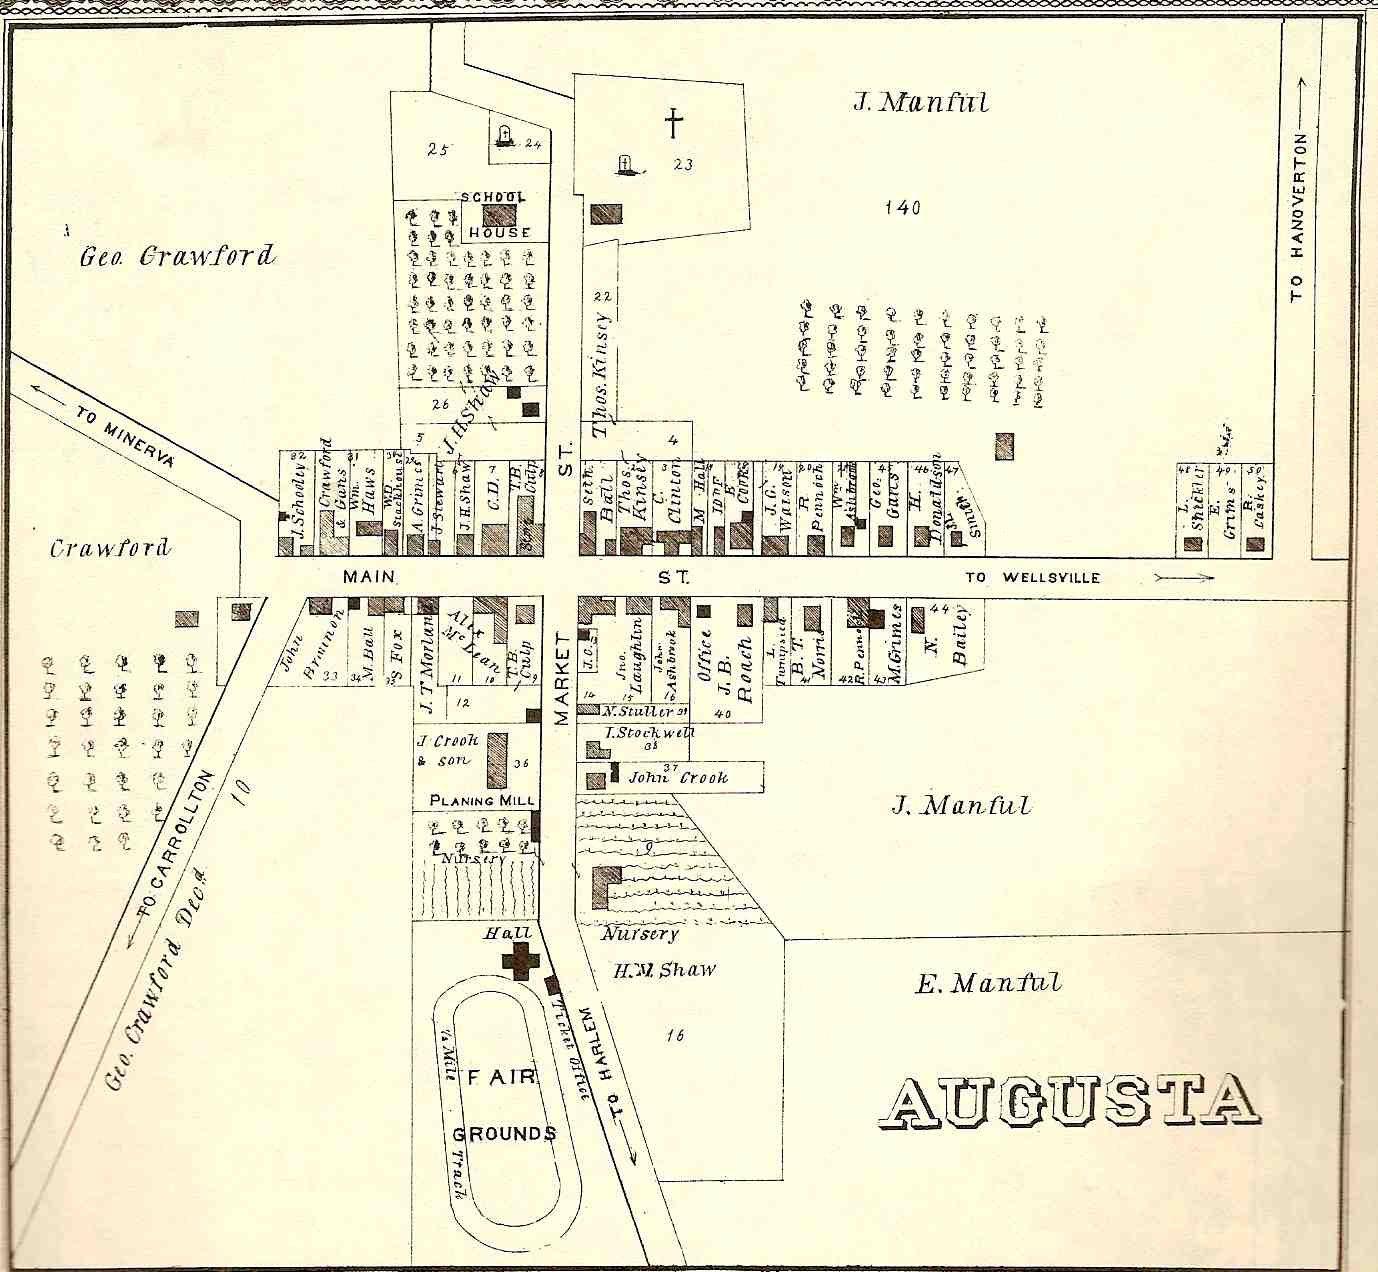 Village of Augusta - 1875